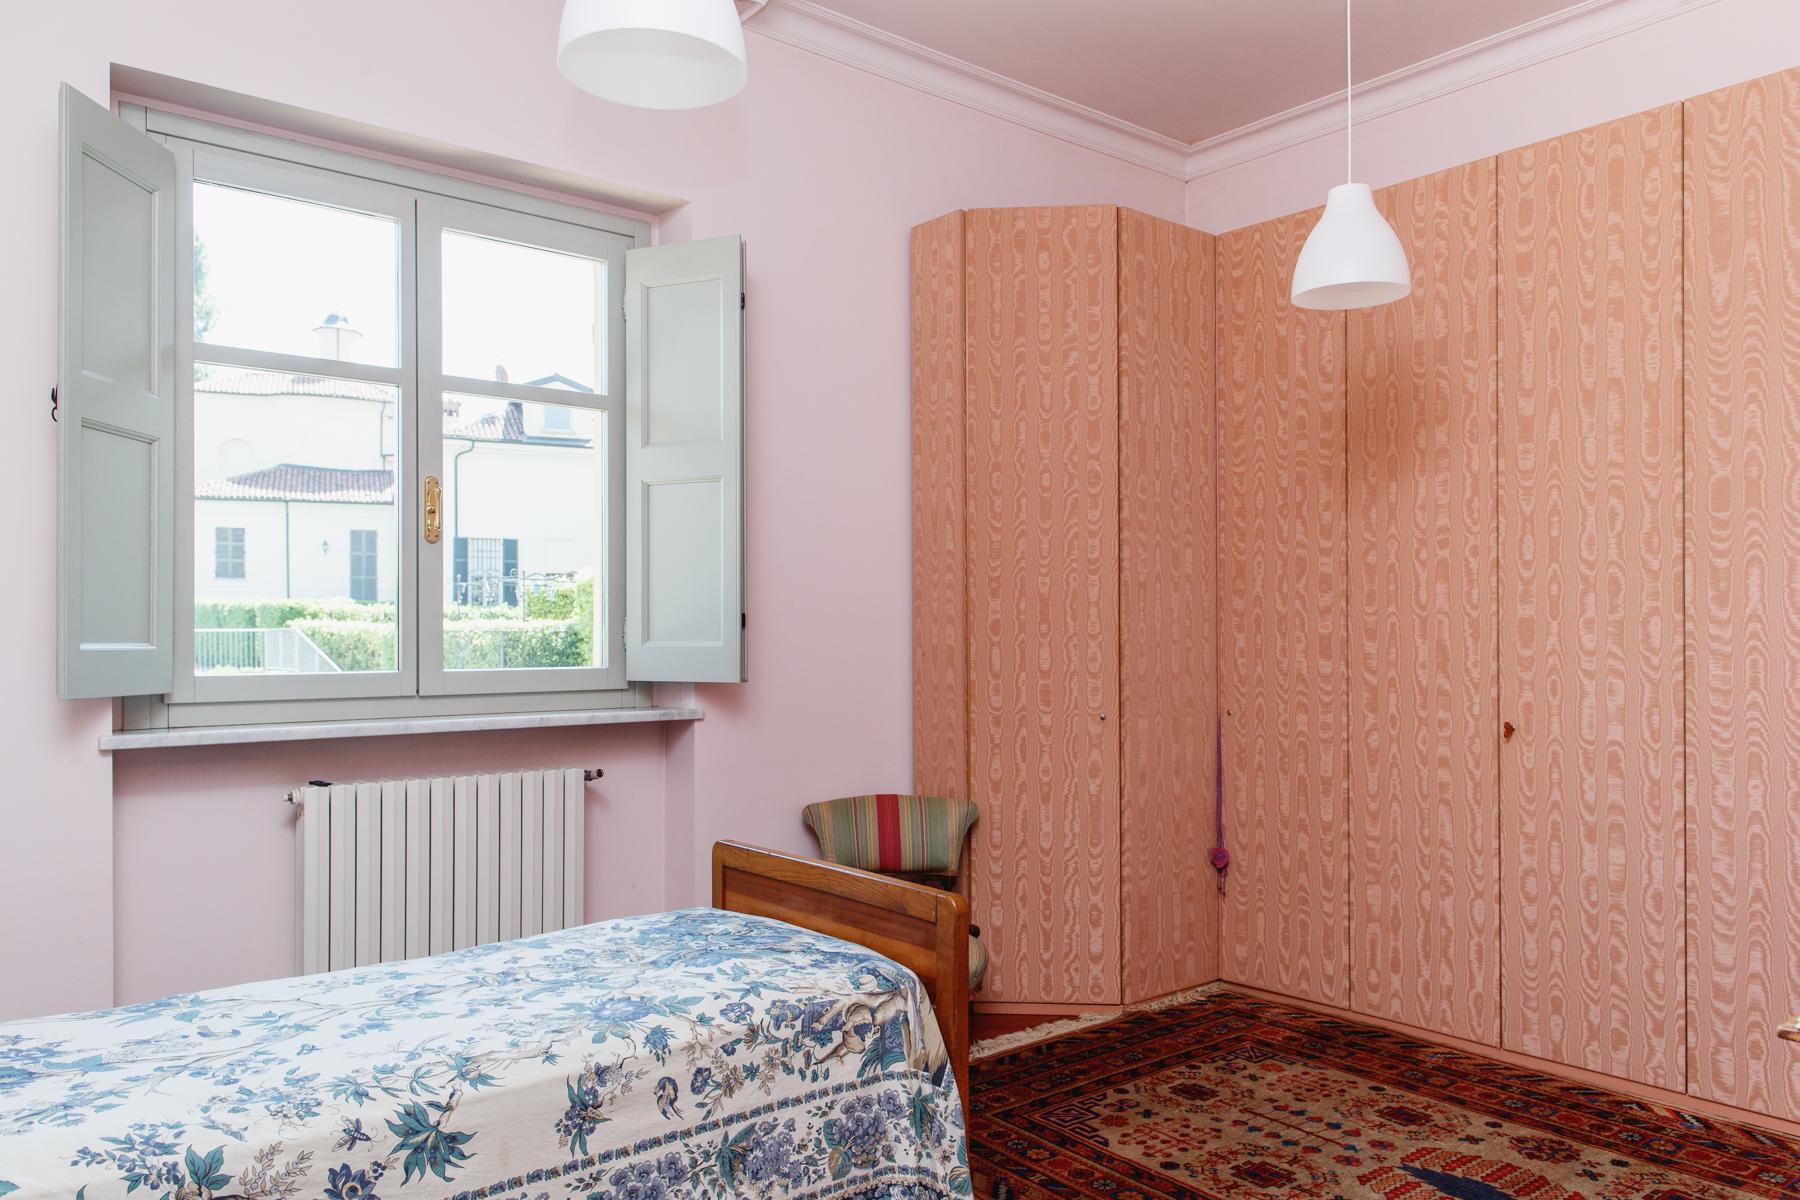 Casa indipendente in Vendita a Moncalieri: 5 locali, 370 mq - Foto 19